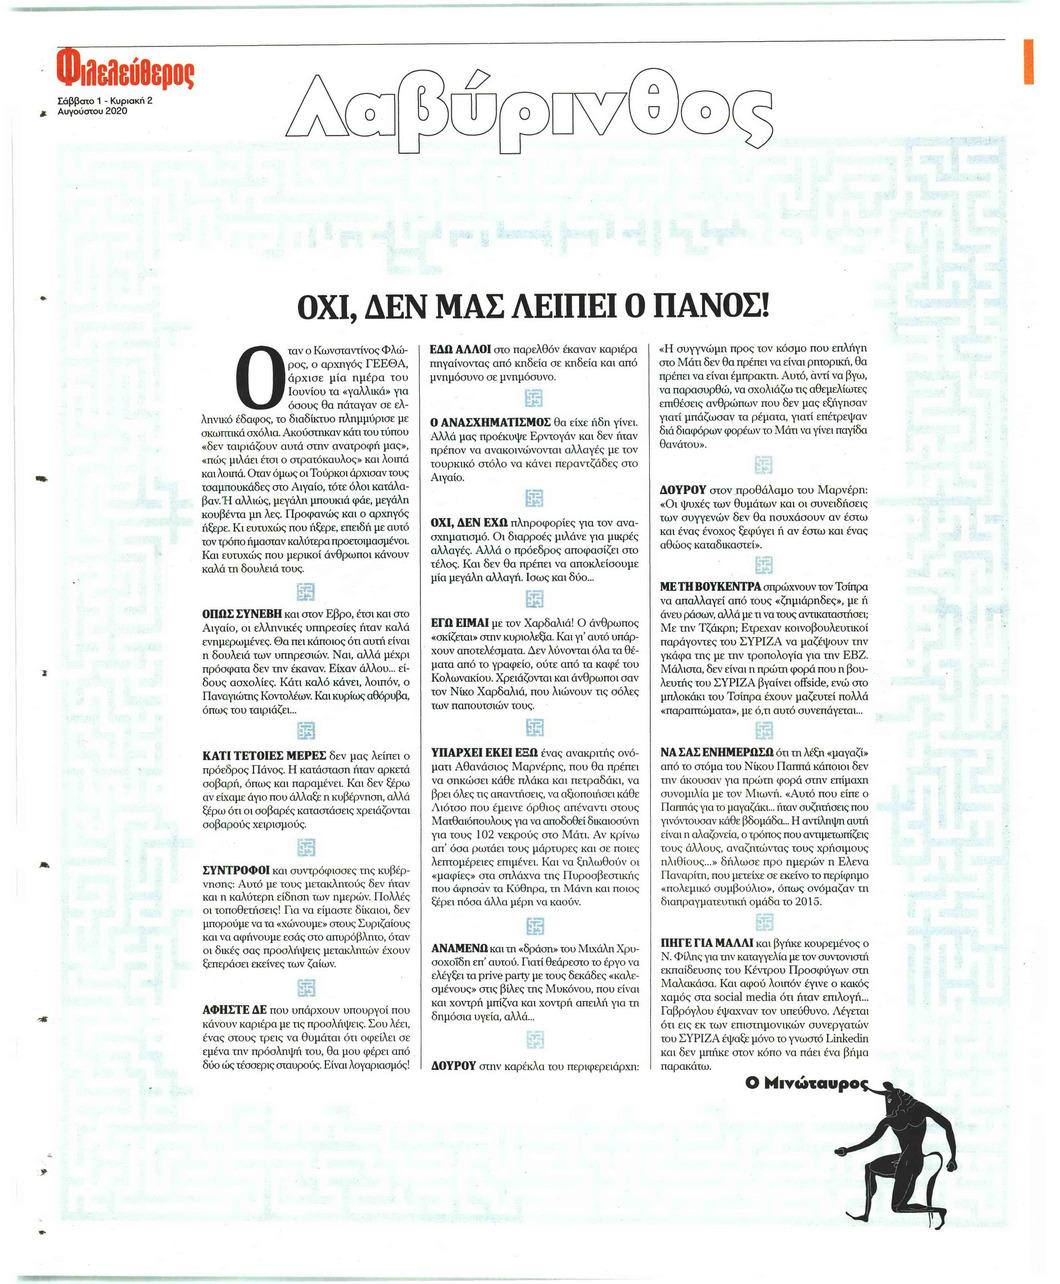 Οπισθόφυλλο εφημερίδας Φιλελεύθερος